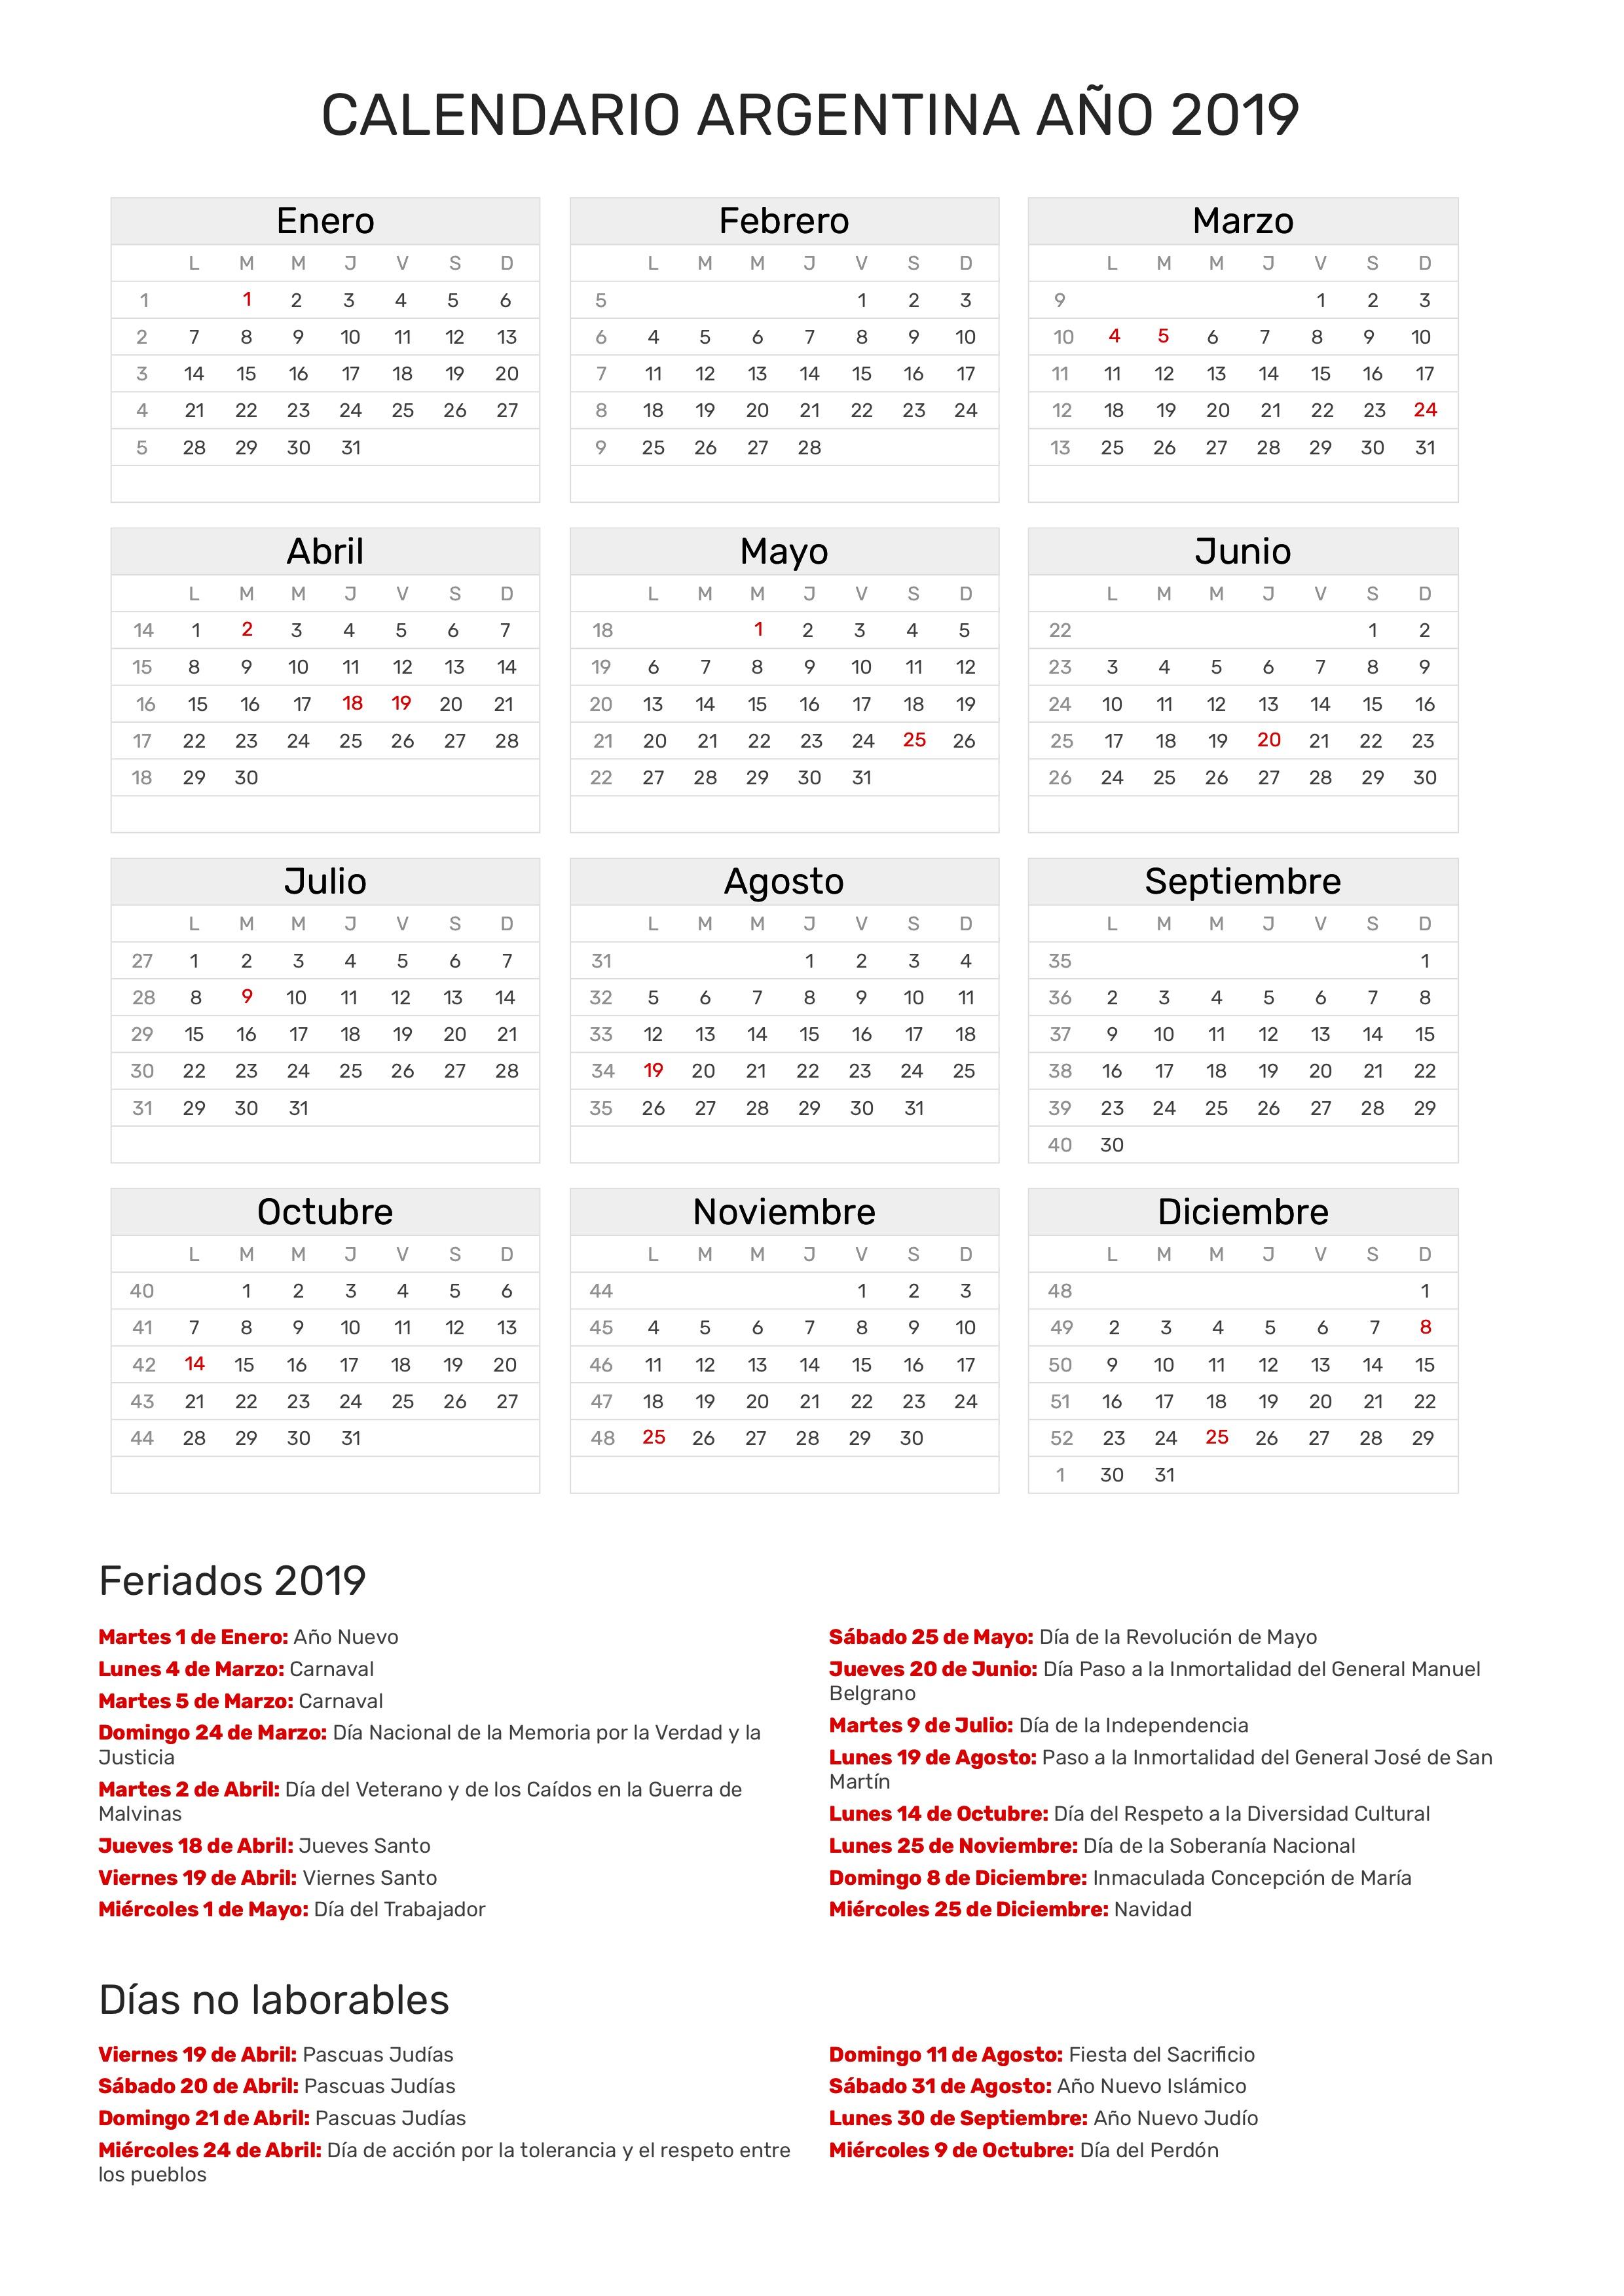 Calendario Marzo 2020 Argentina Para Imprimir.Calendario De Argentina Ano 2019 Feriados